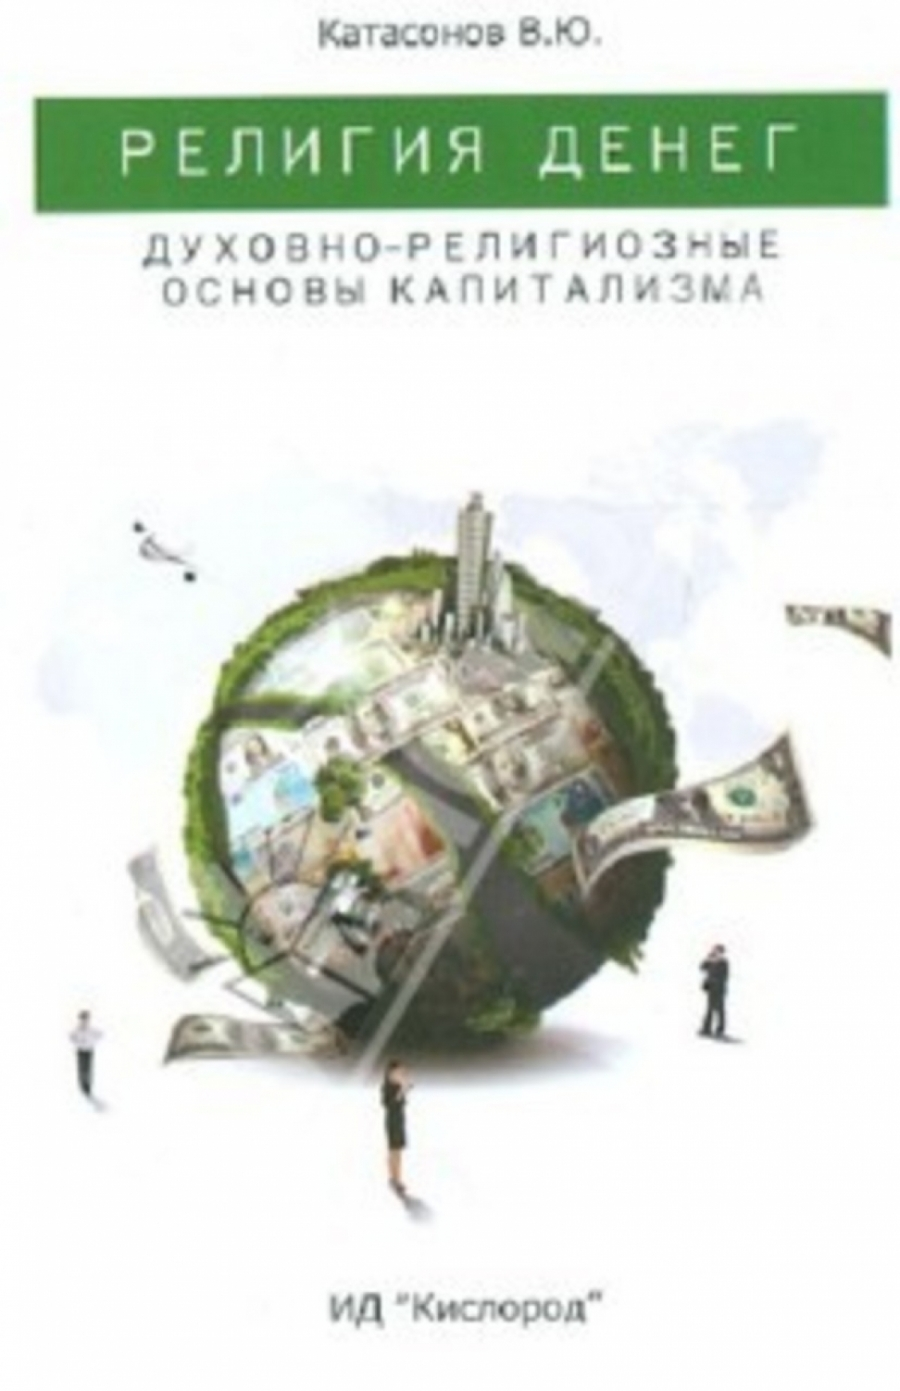 Обложка книги:  катасонов в.ю. - религия денег. духовно-религиозные основы капитализма